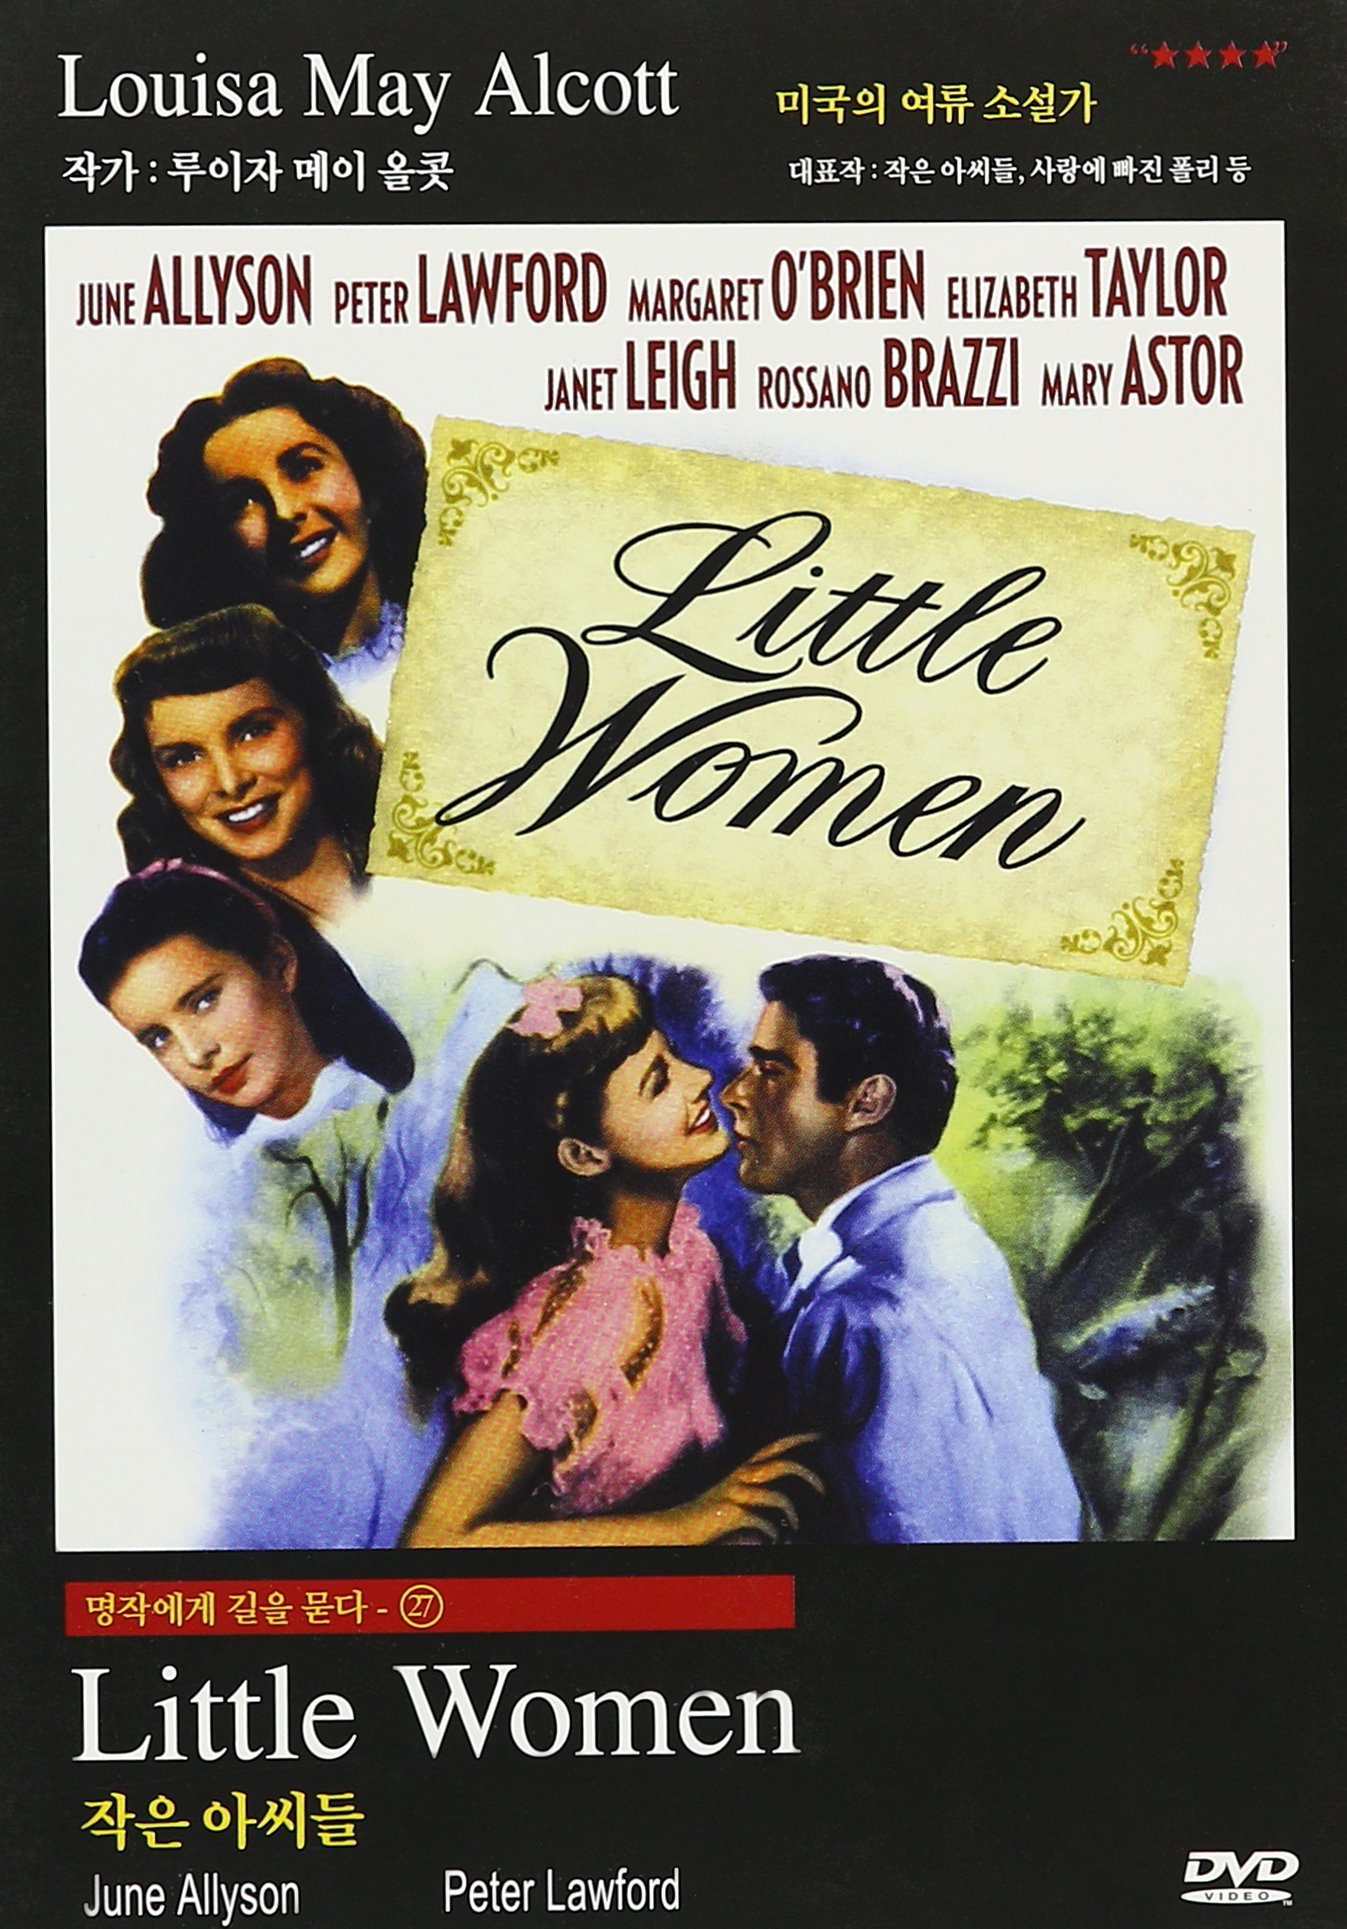 DVD : Little Women - Little Women (Asia - Import, NTSC Format)